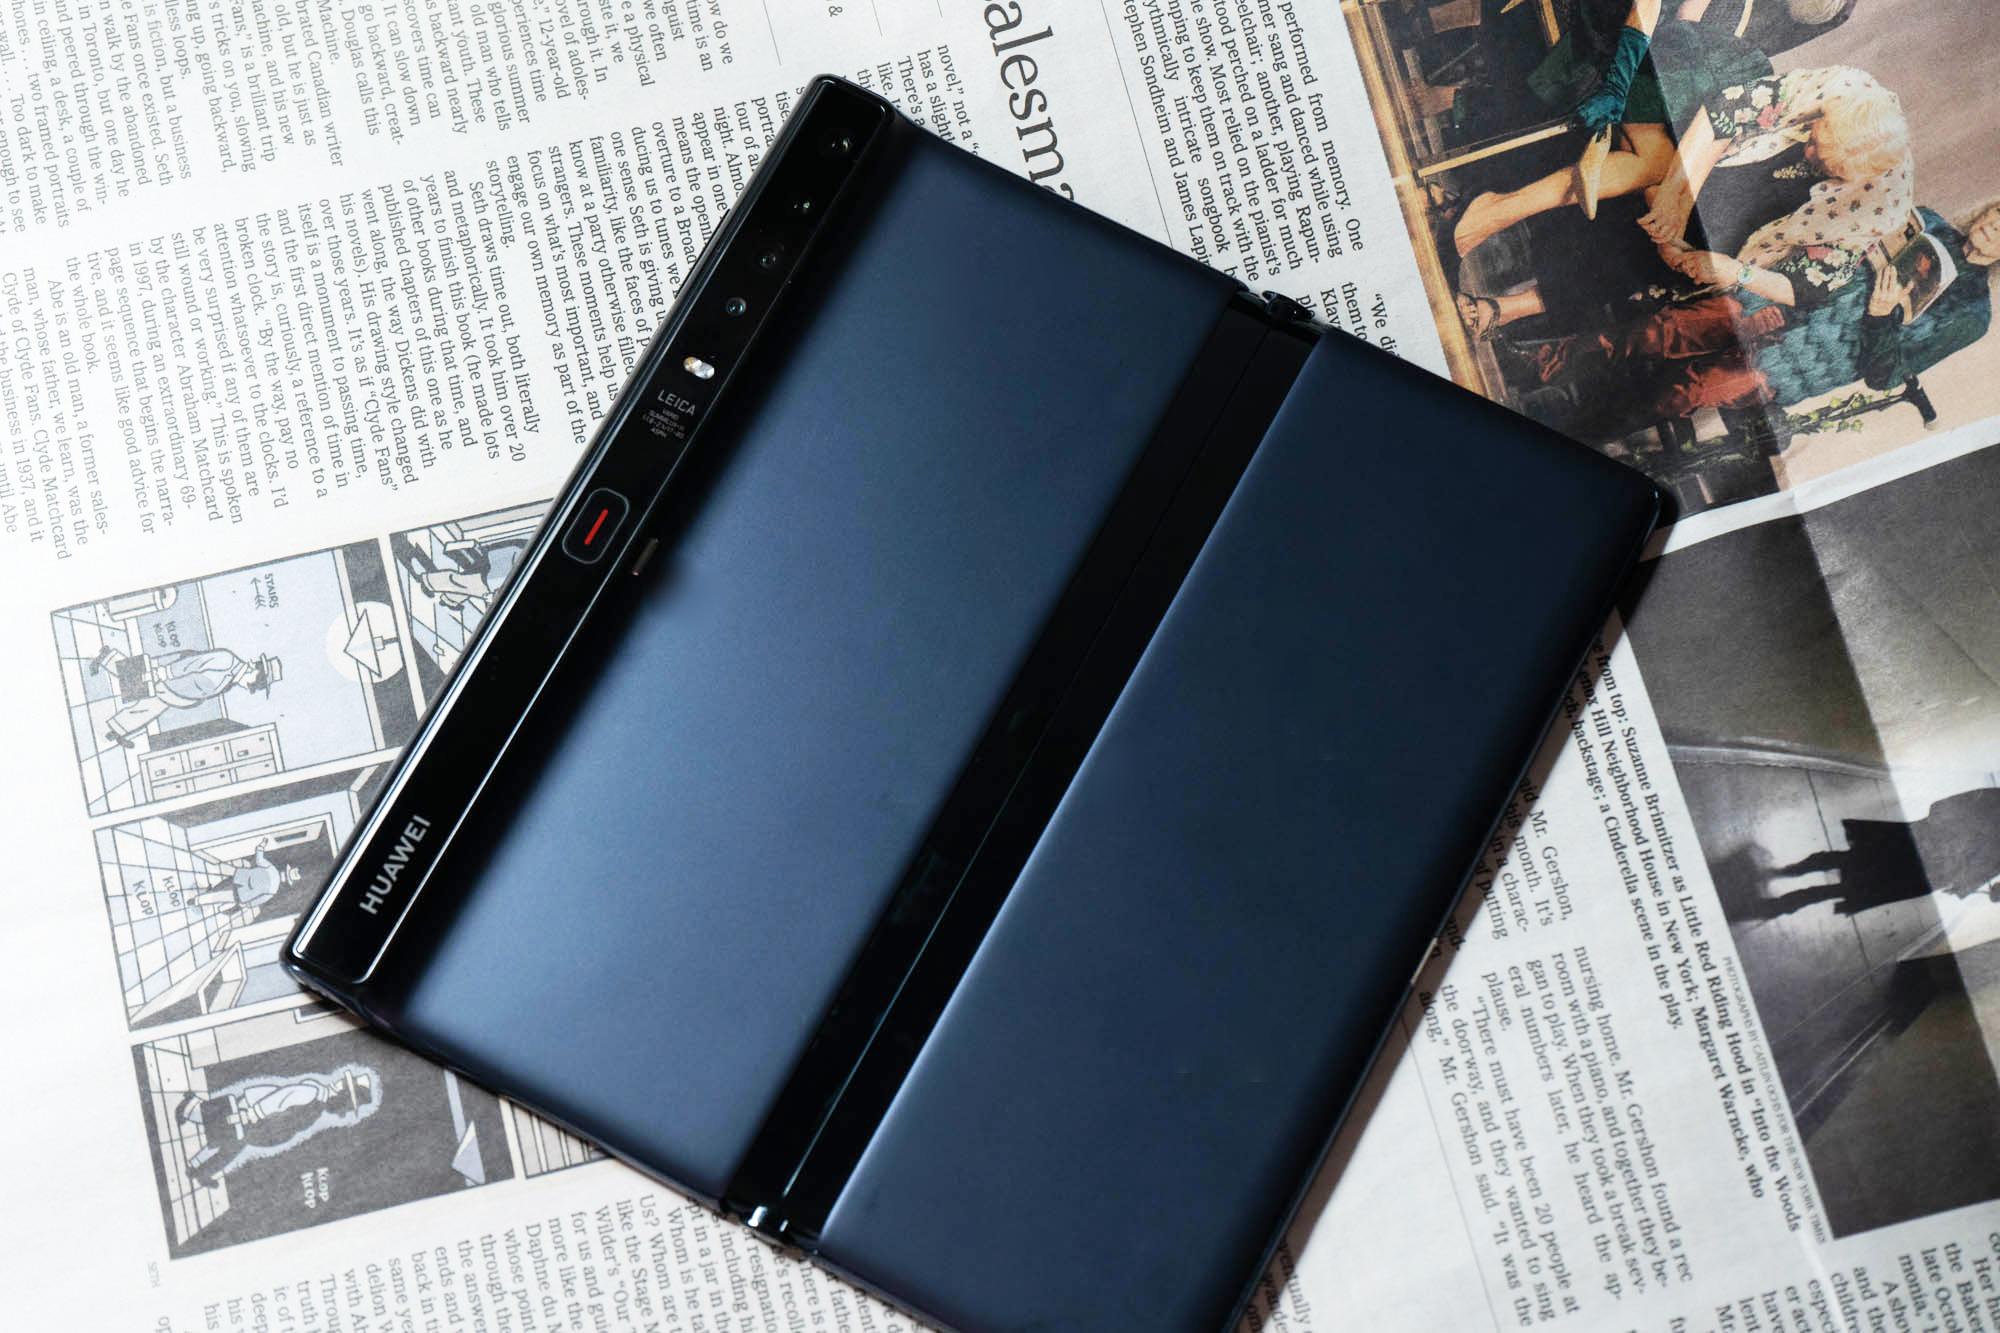 华为折叠屏手机Mate Xs体验:升级铰链,搭载麒麟990 5G芯片